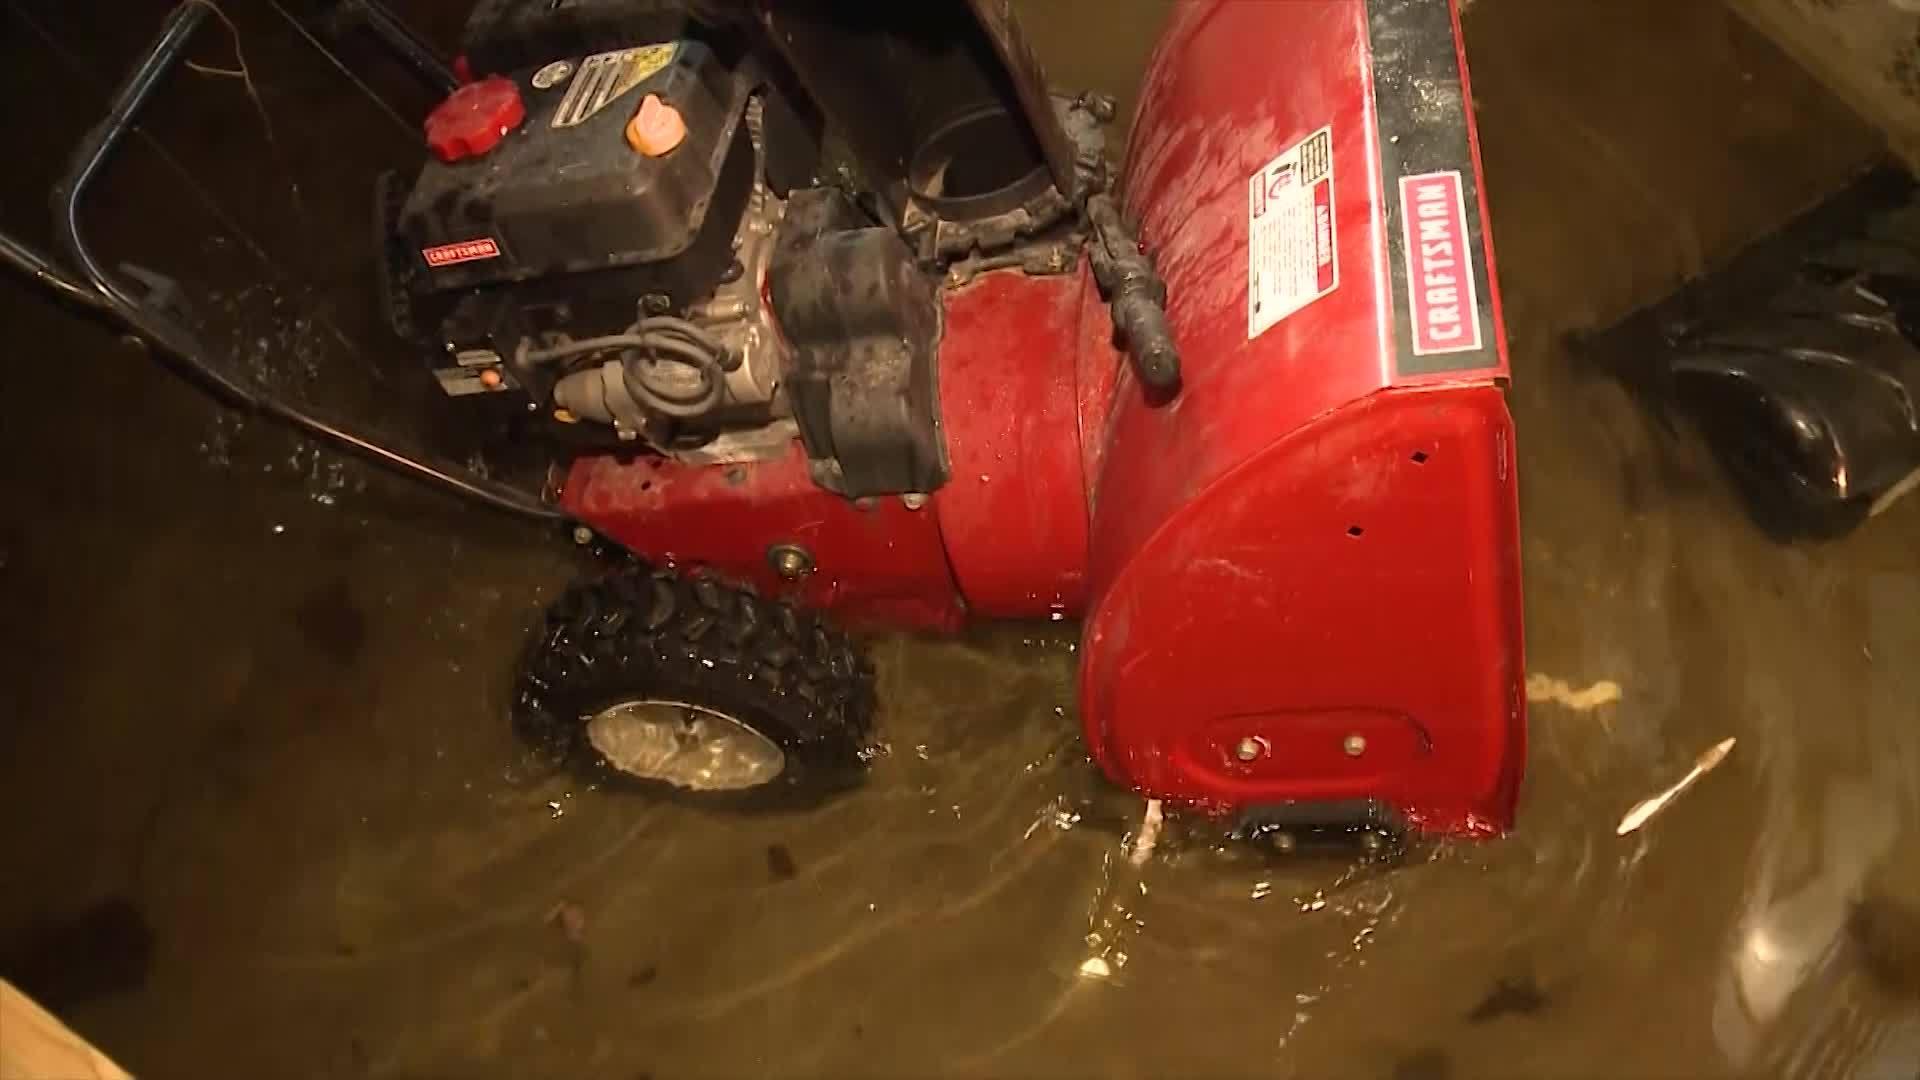 Johnston flooding impacting neighbors